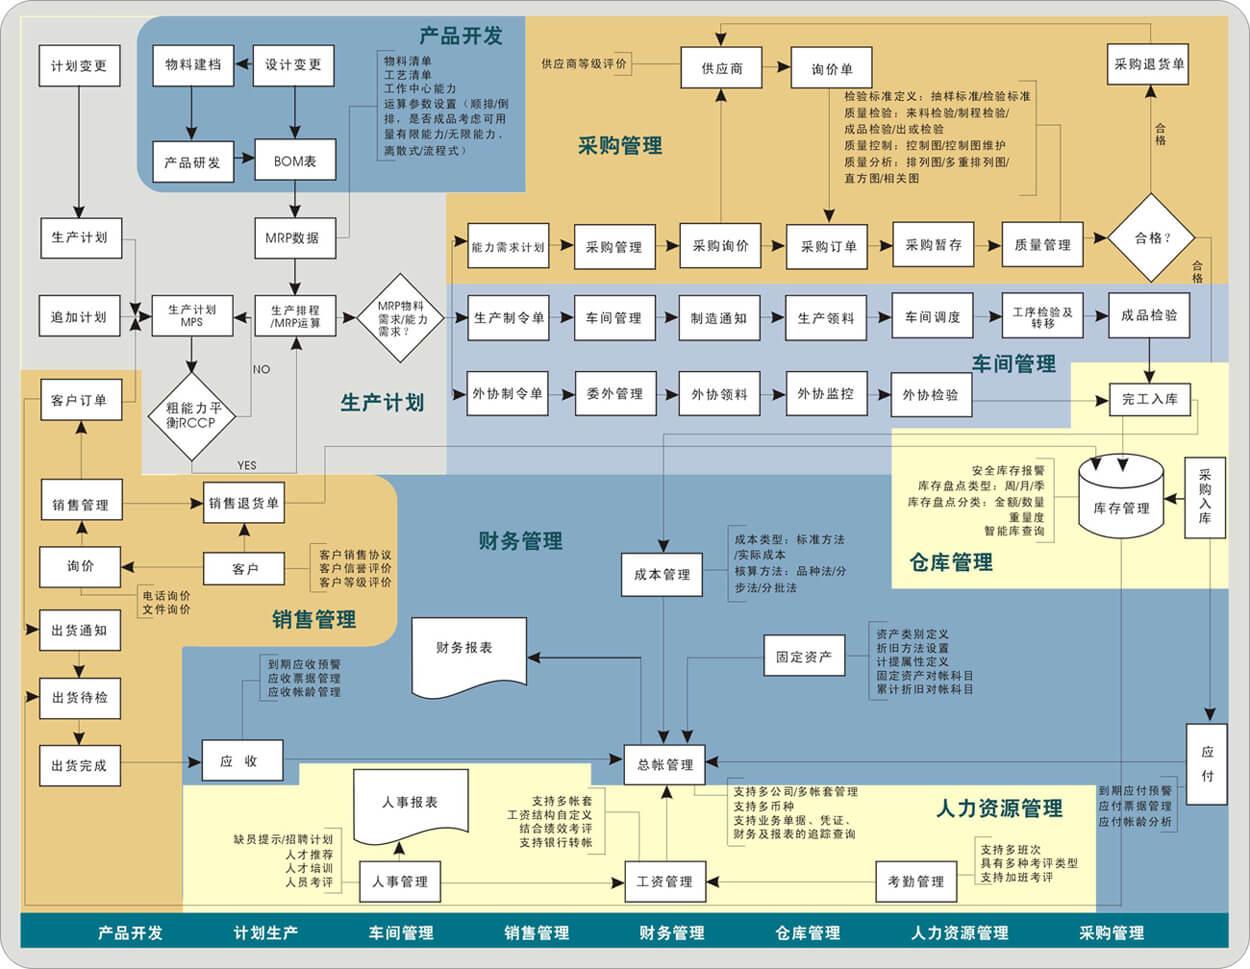 (乾元坤和erp系統整體業務流程和設計原則)